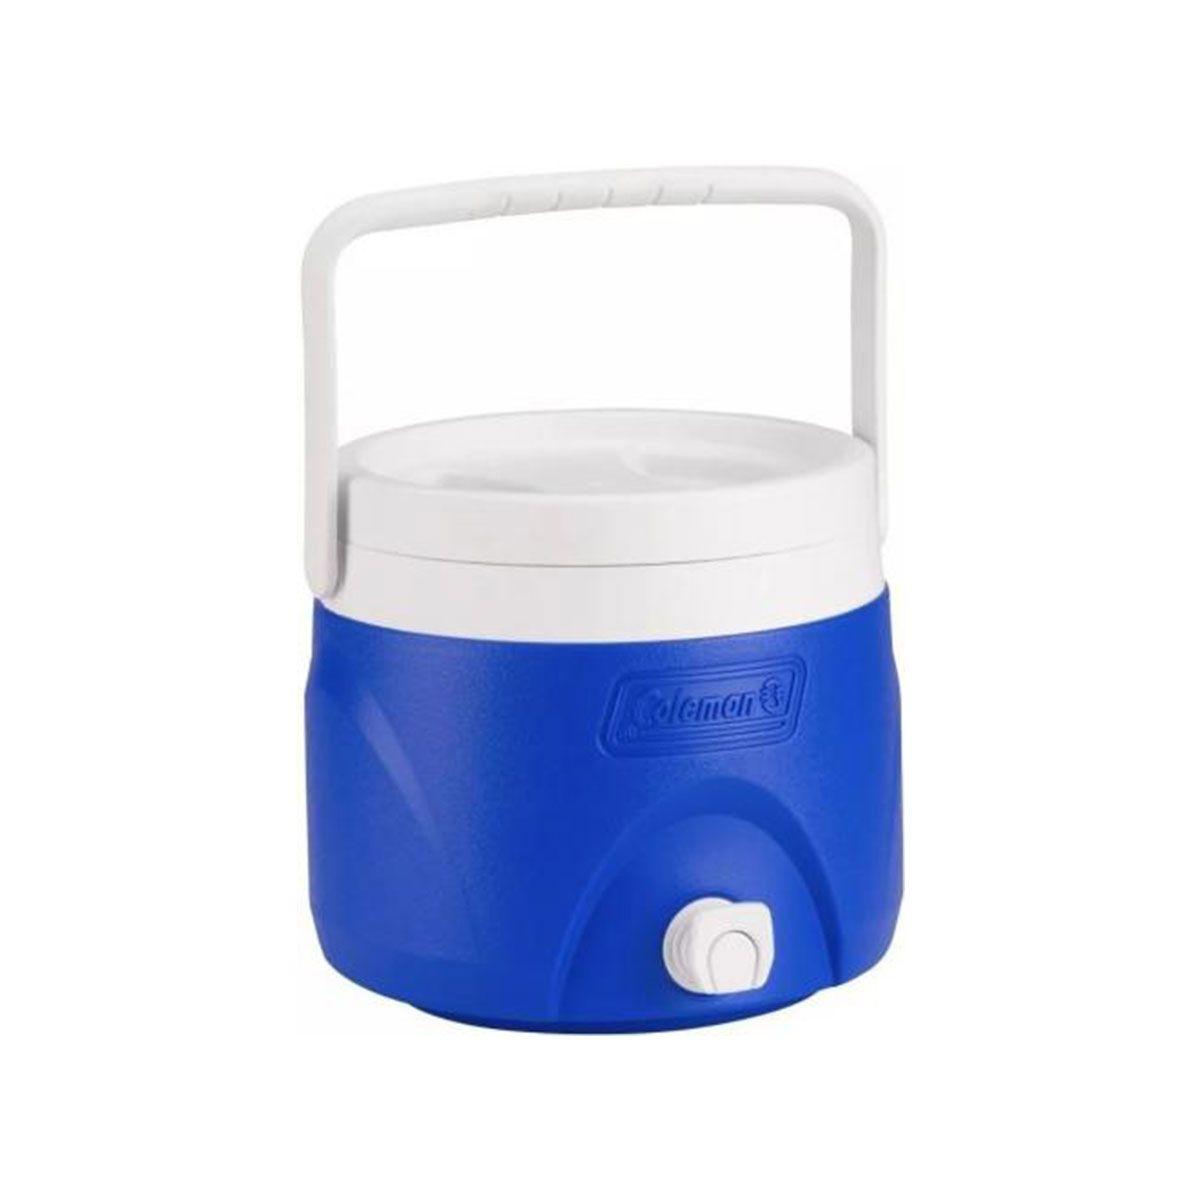 Jarra Termica Coleman 7,5 Litros Azul com Alça de Mão